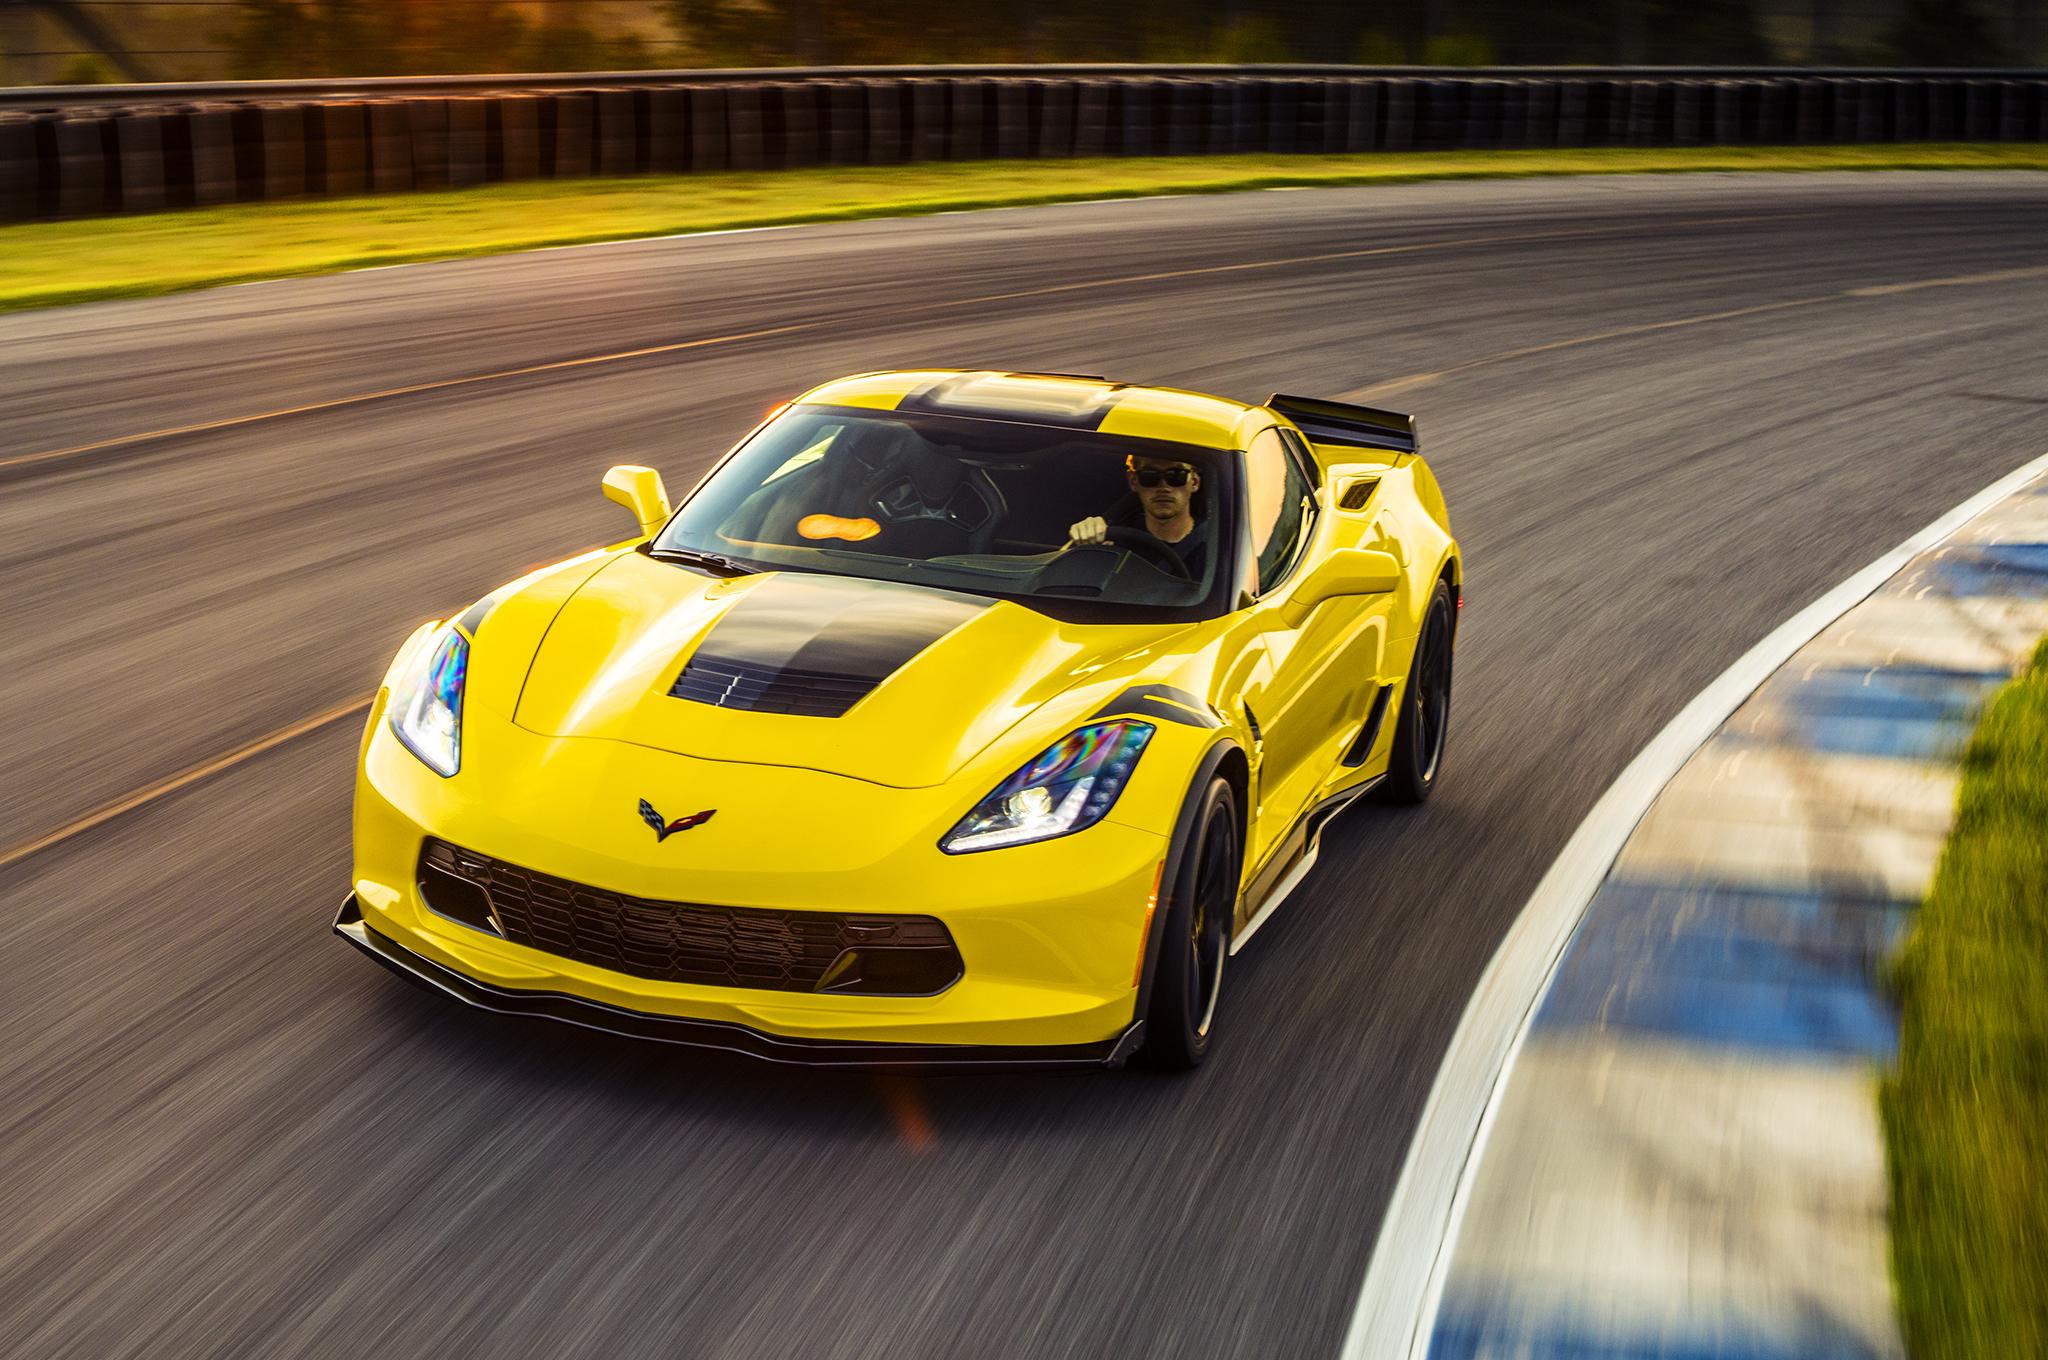 2017 Chevrolet Corvette Grand Sport, HD Cars, 4k ...